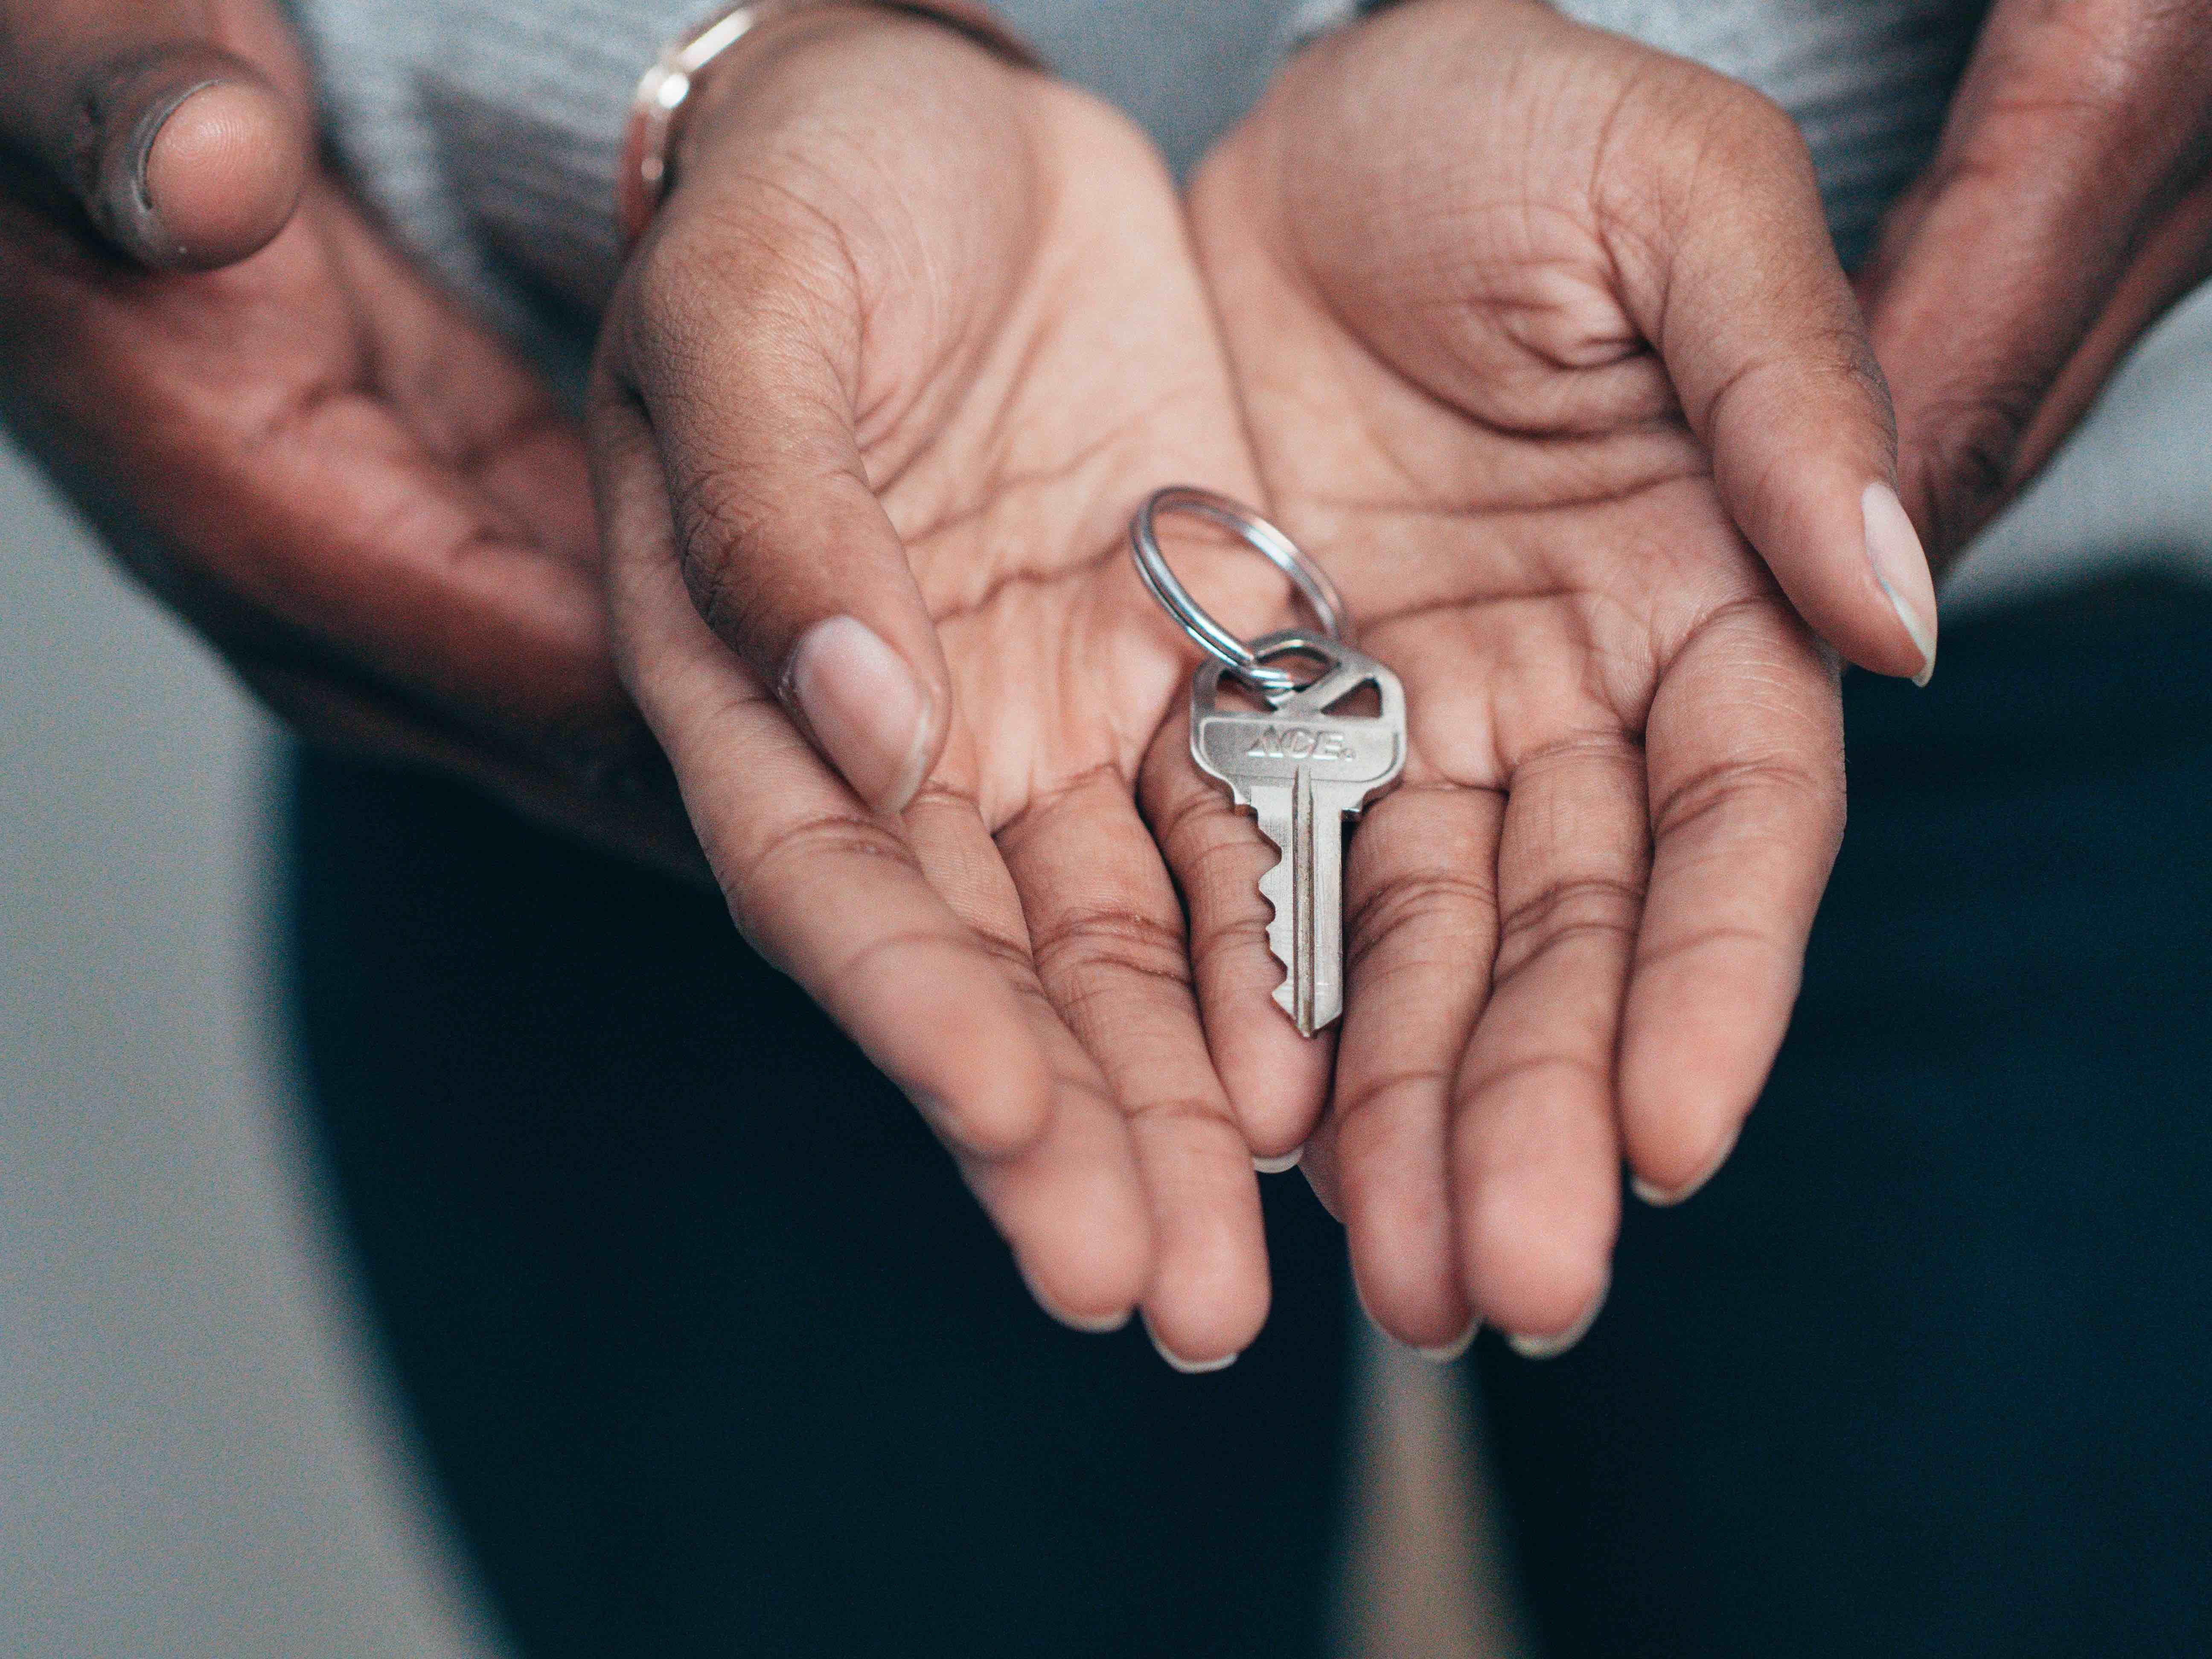 homeownership grants and programs